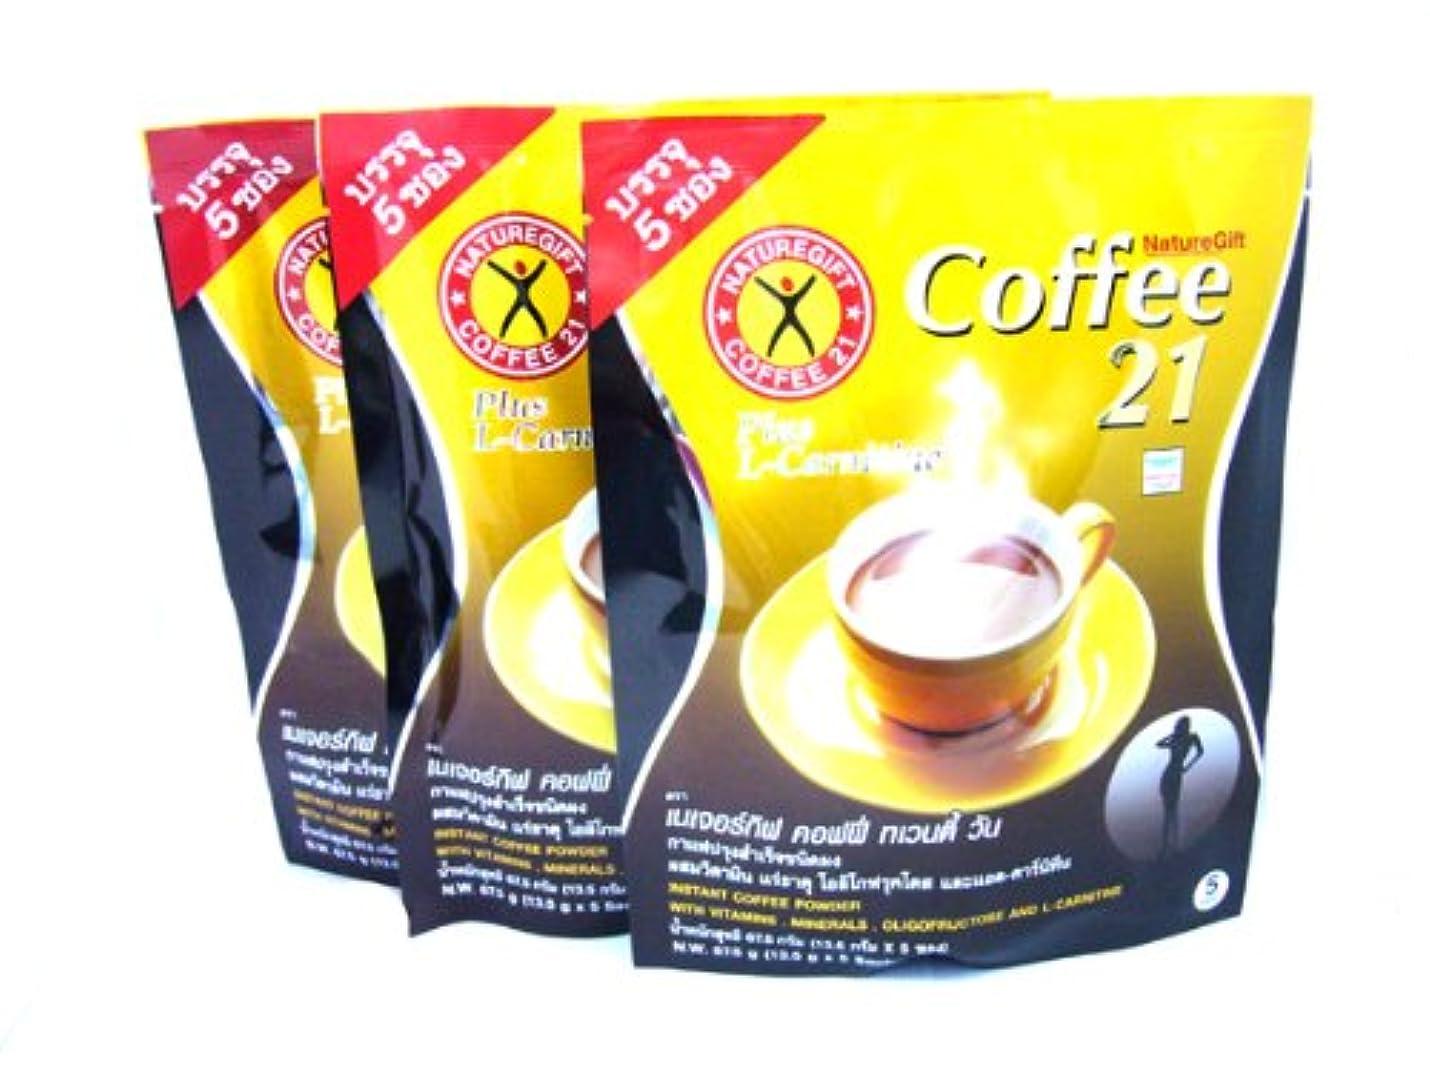 用心気づく裸3x Naturegift Instant Coffee Mix 21 Plus L-carnitine Slimming Weight Loss Diet Made in Thailand by alanroger